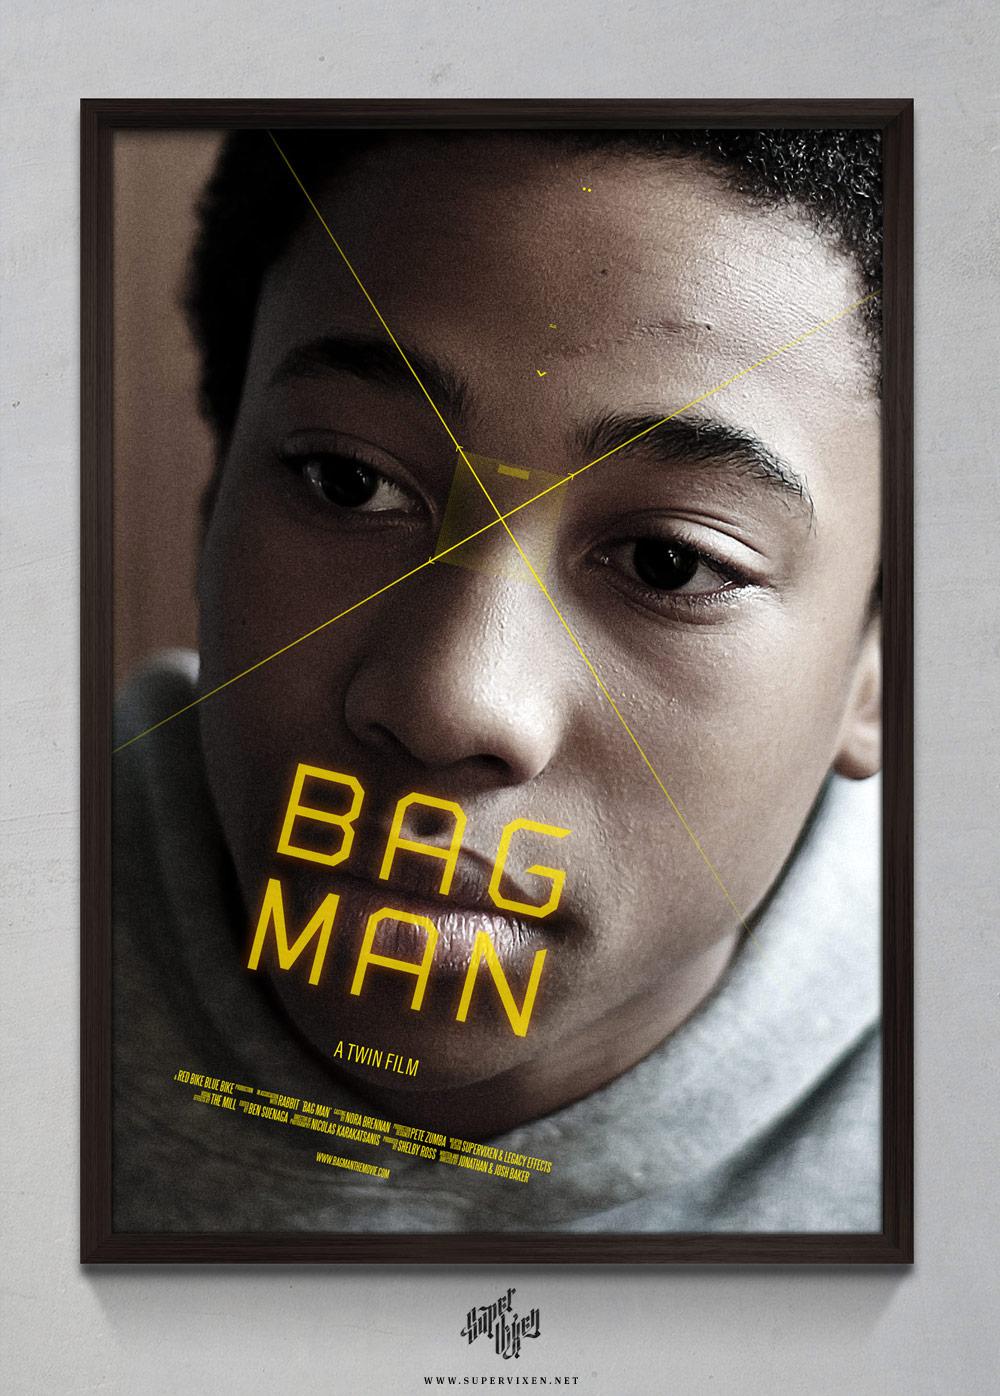 BM_Poster_Framed_06.jpg